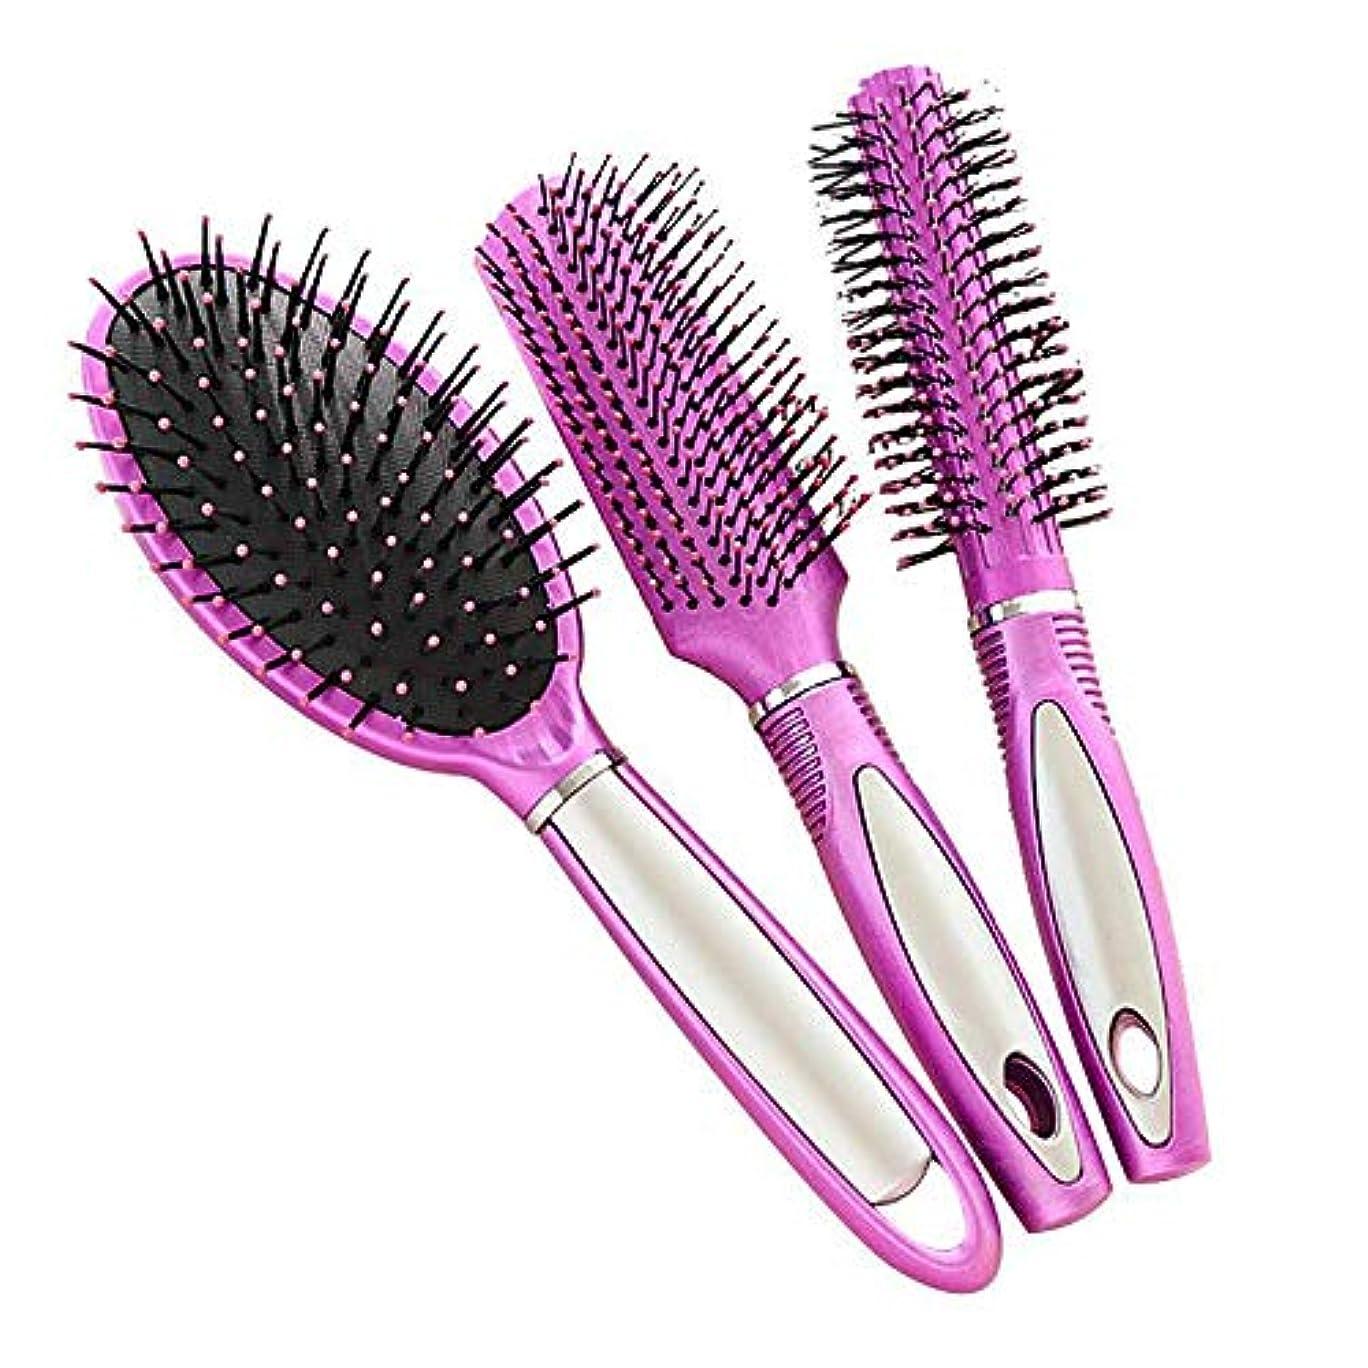 クラフトインフレーション強要帯電防止プラスチック製のヘアブラシ、すべての髪の種類のためのヘアマッサージDetangler(3PCS)